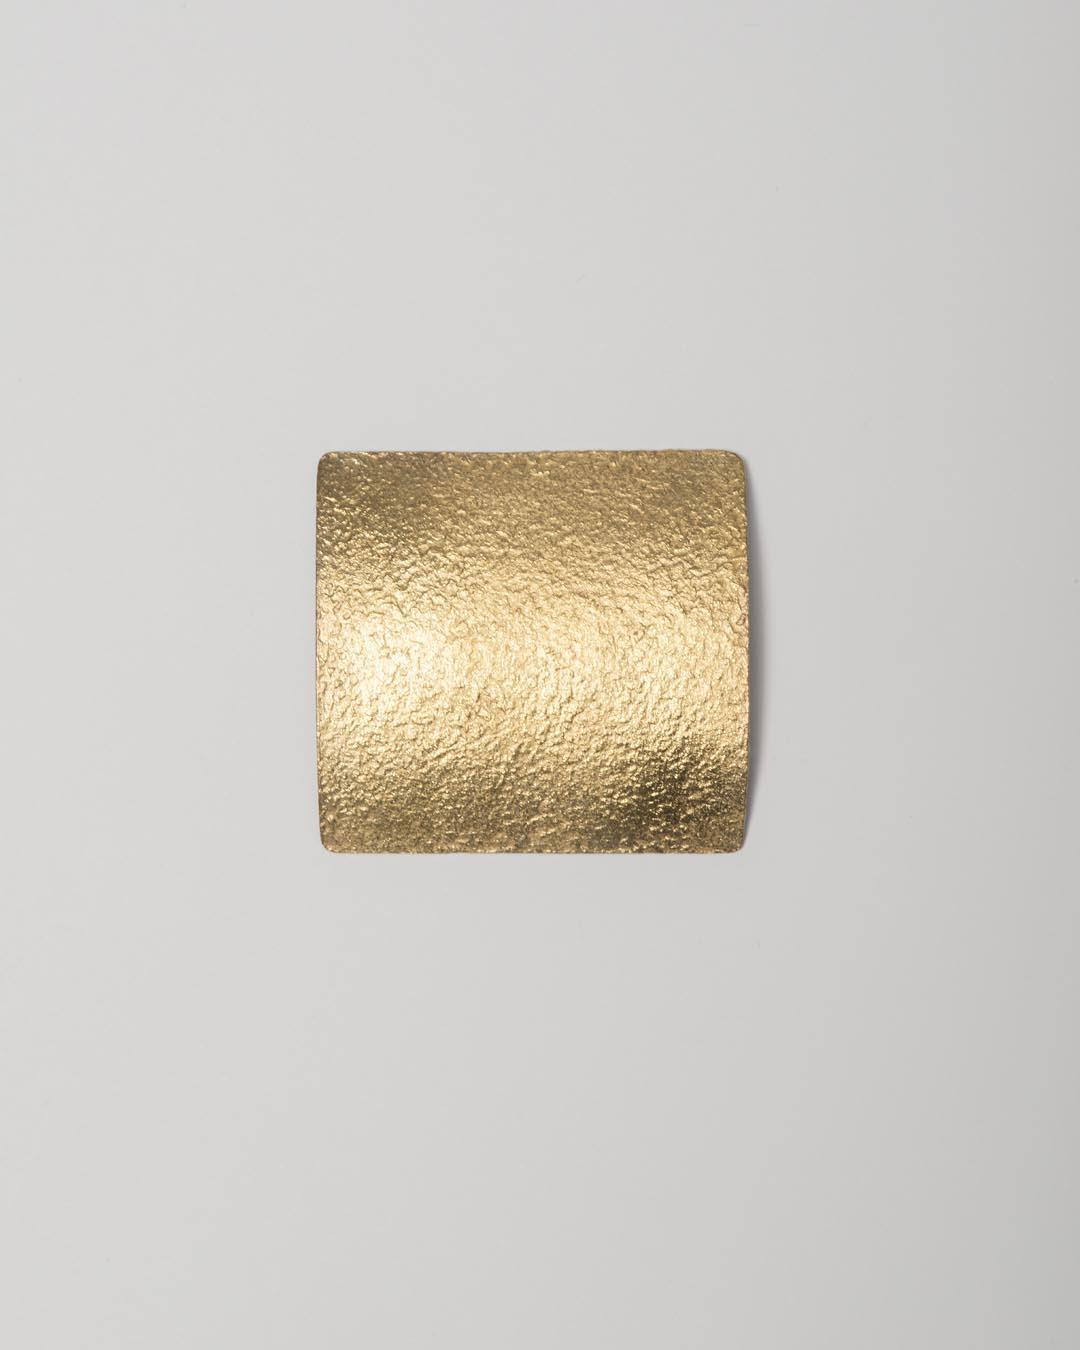 Yasuki Hiramatsu, untitled, brooch; gold-plated silver, 48 x 45 x 9 mm, €750